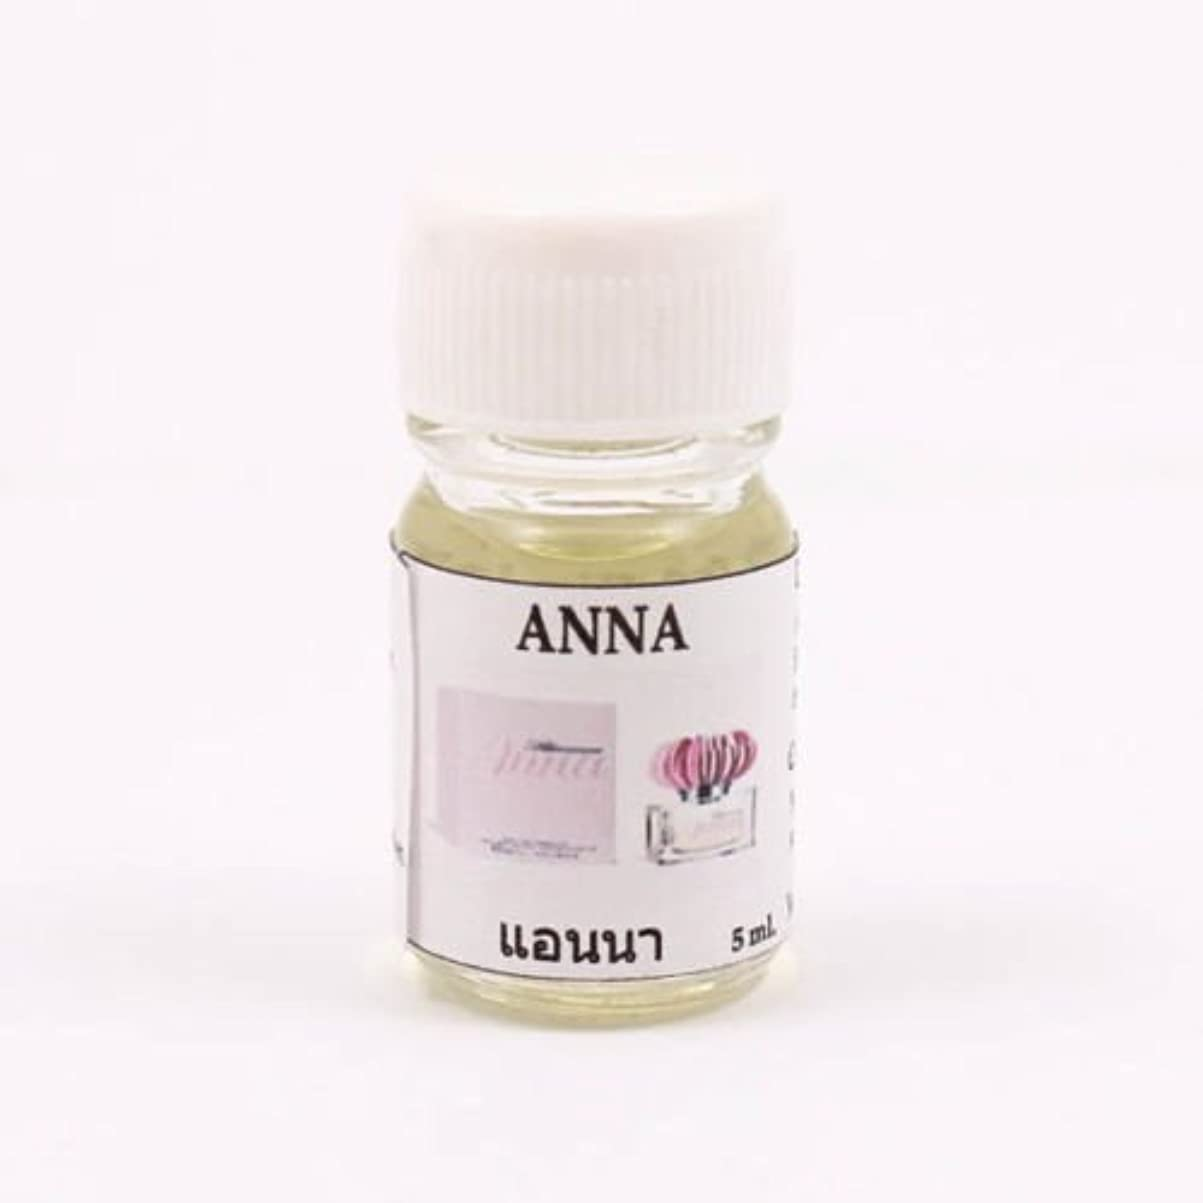 関係ない流体鰐6X Anna Aroma Fragrance Essential Oil 5ML. (cc) Diffuser Burner Therapy